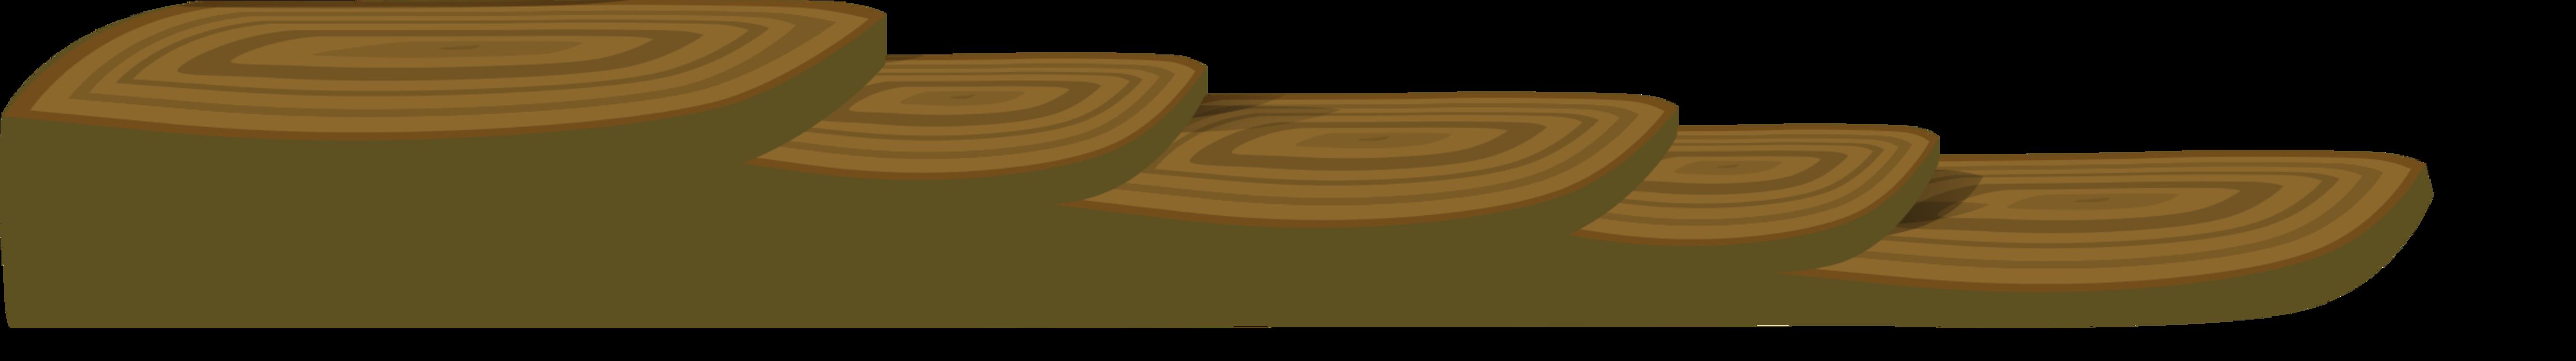 Brown,Rug,Tableware